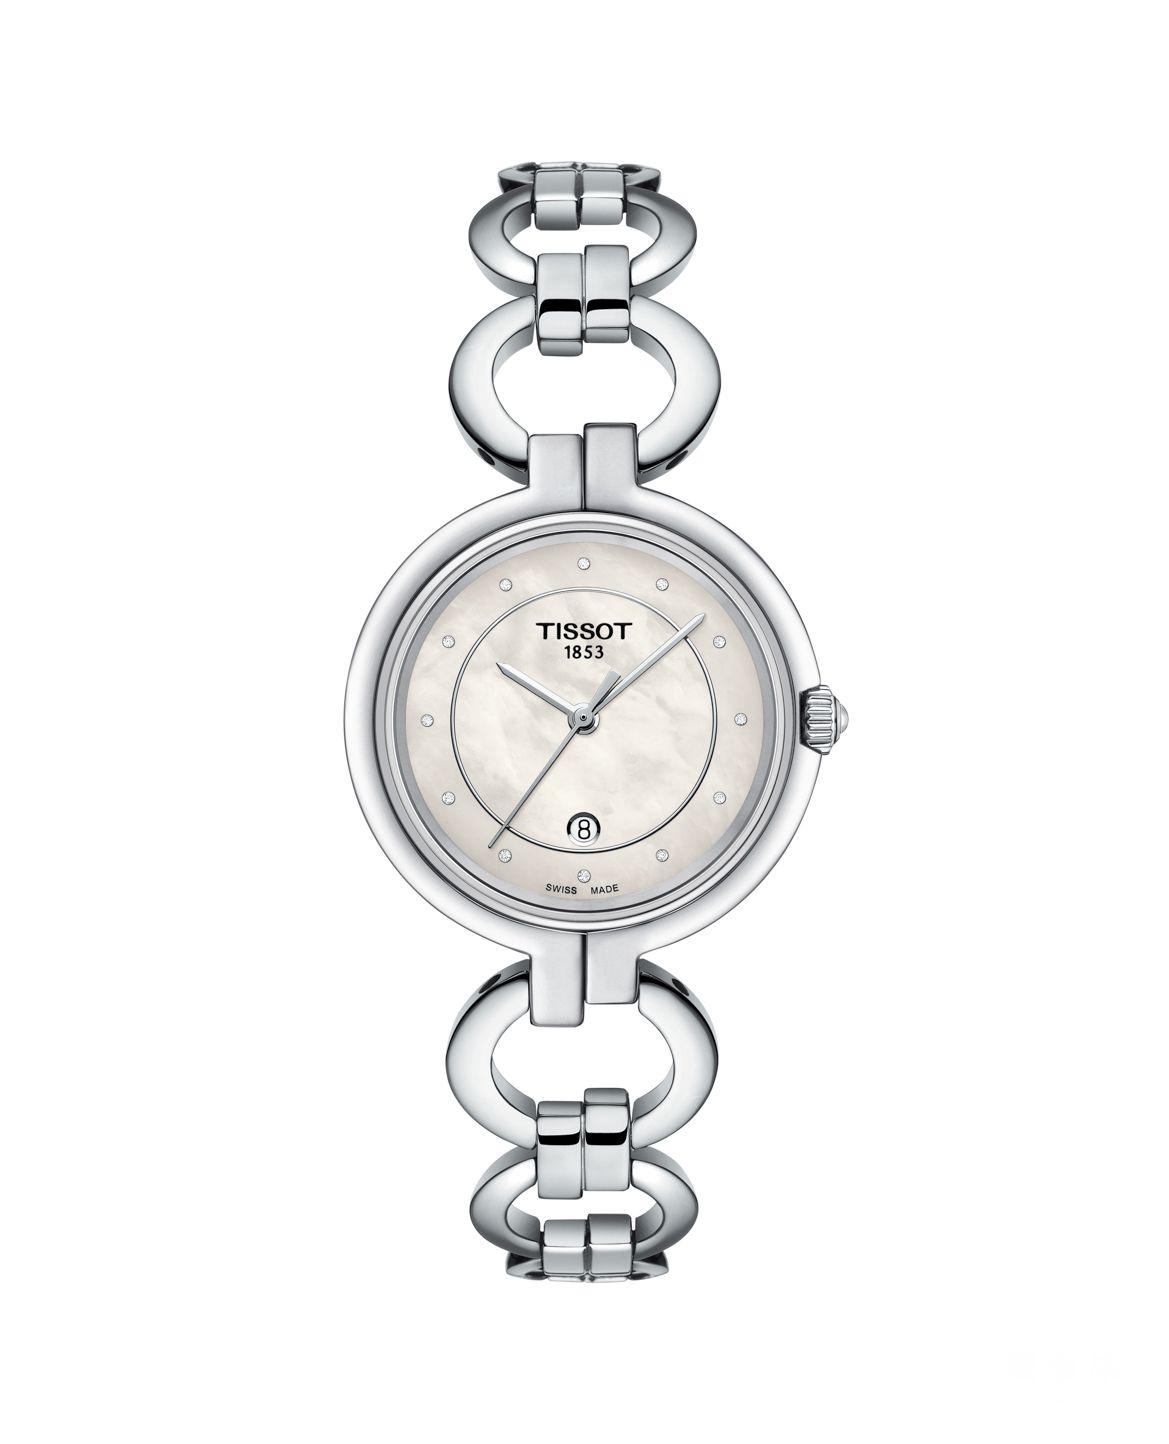 图17:天梭弗拉明戈系列腕表